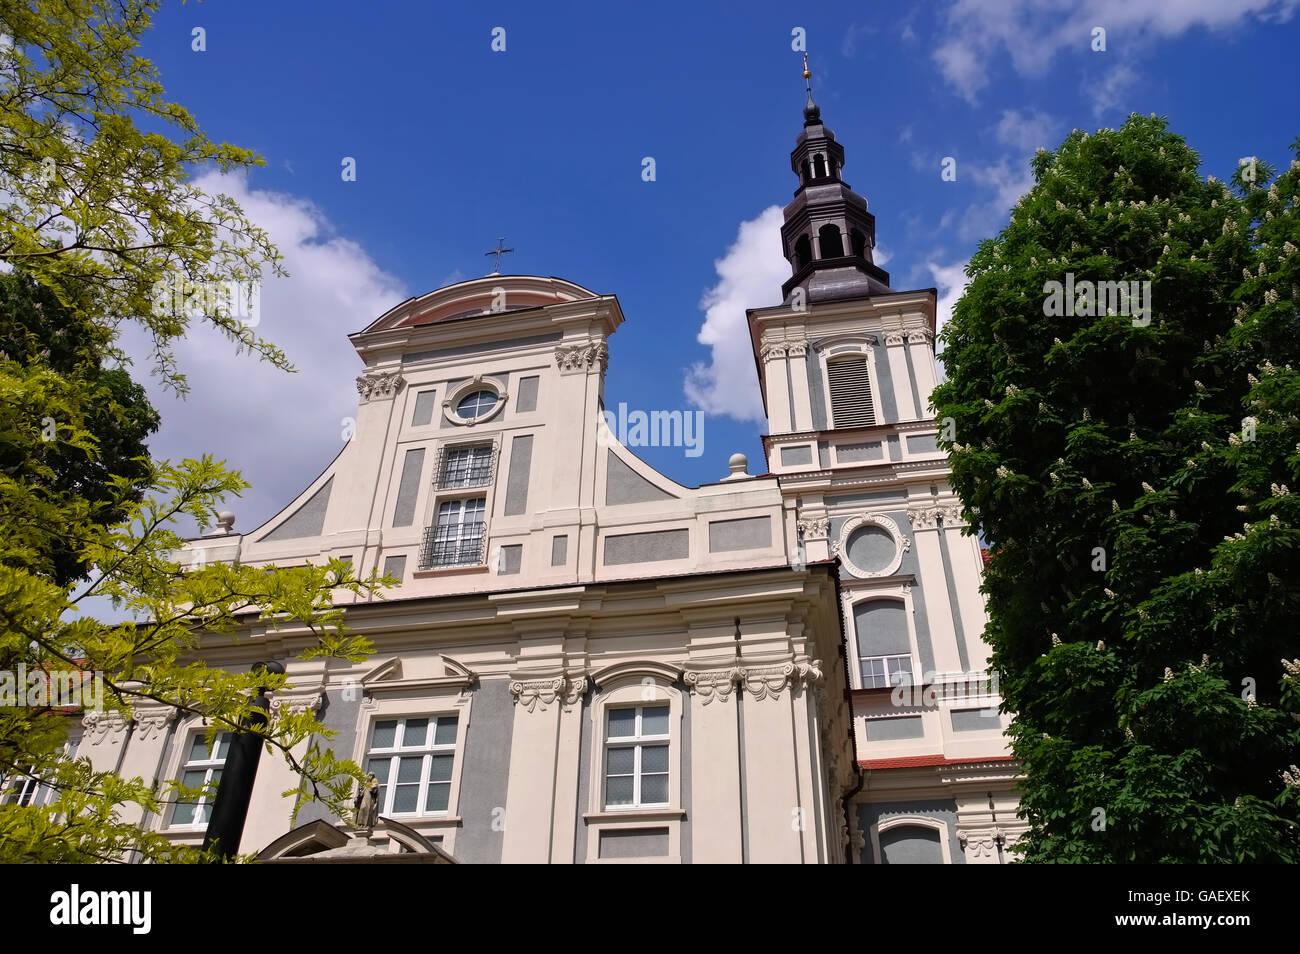 Breslau St.-Klara-Kirche in der Stadtmitte - Breslau, the St.-Klara-Church in the city - Stock Image